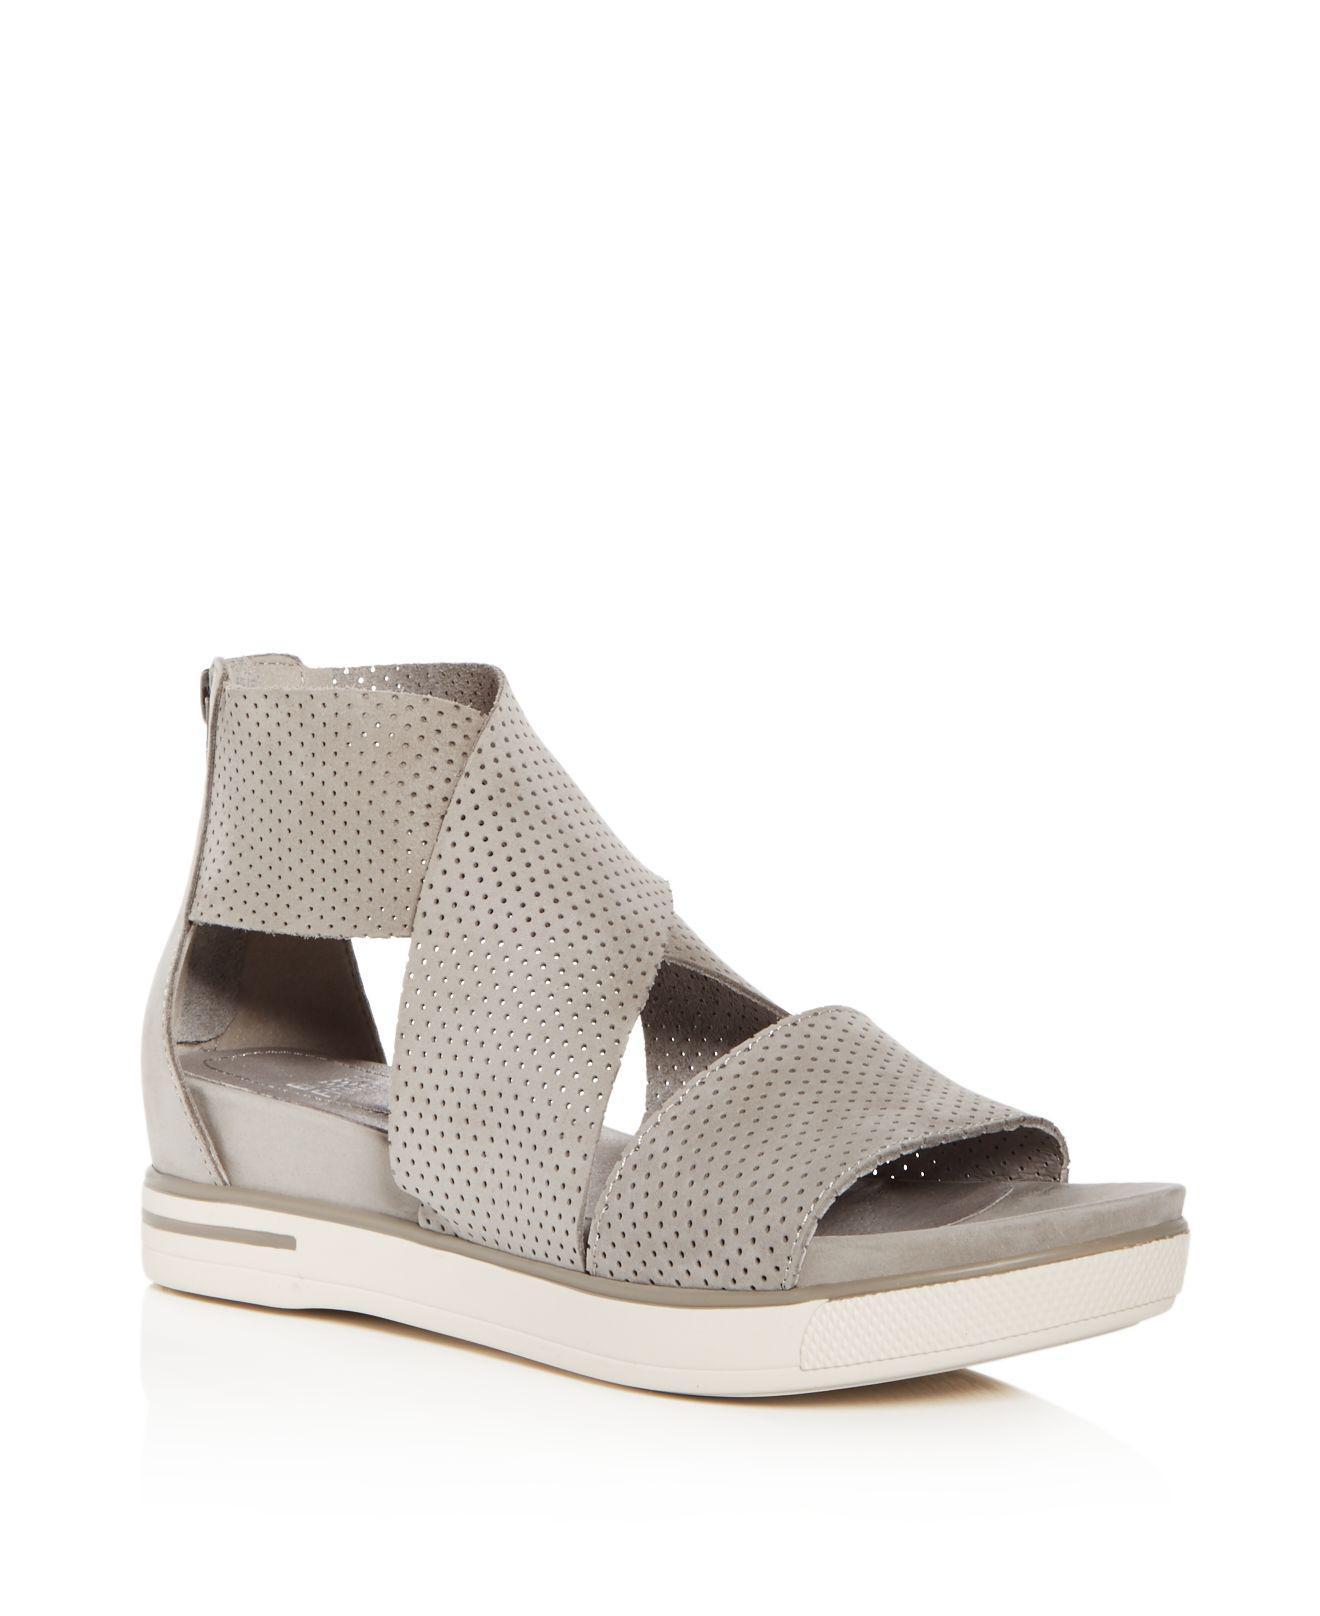 Eileen Fisher Women's Perforated Nubuck Leather Crisscross Platform Sandals daxZel